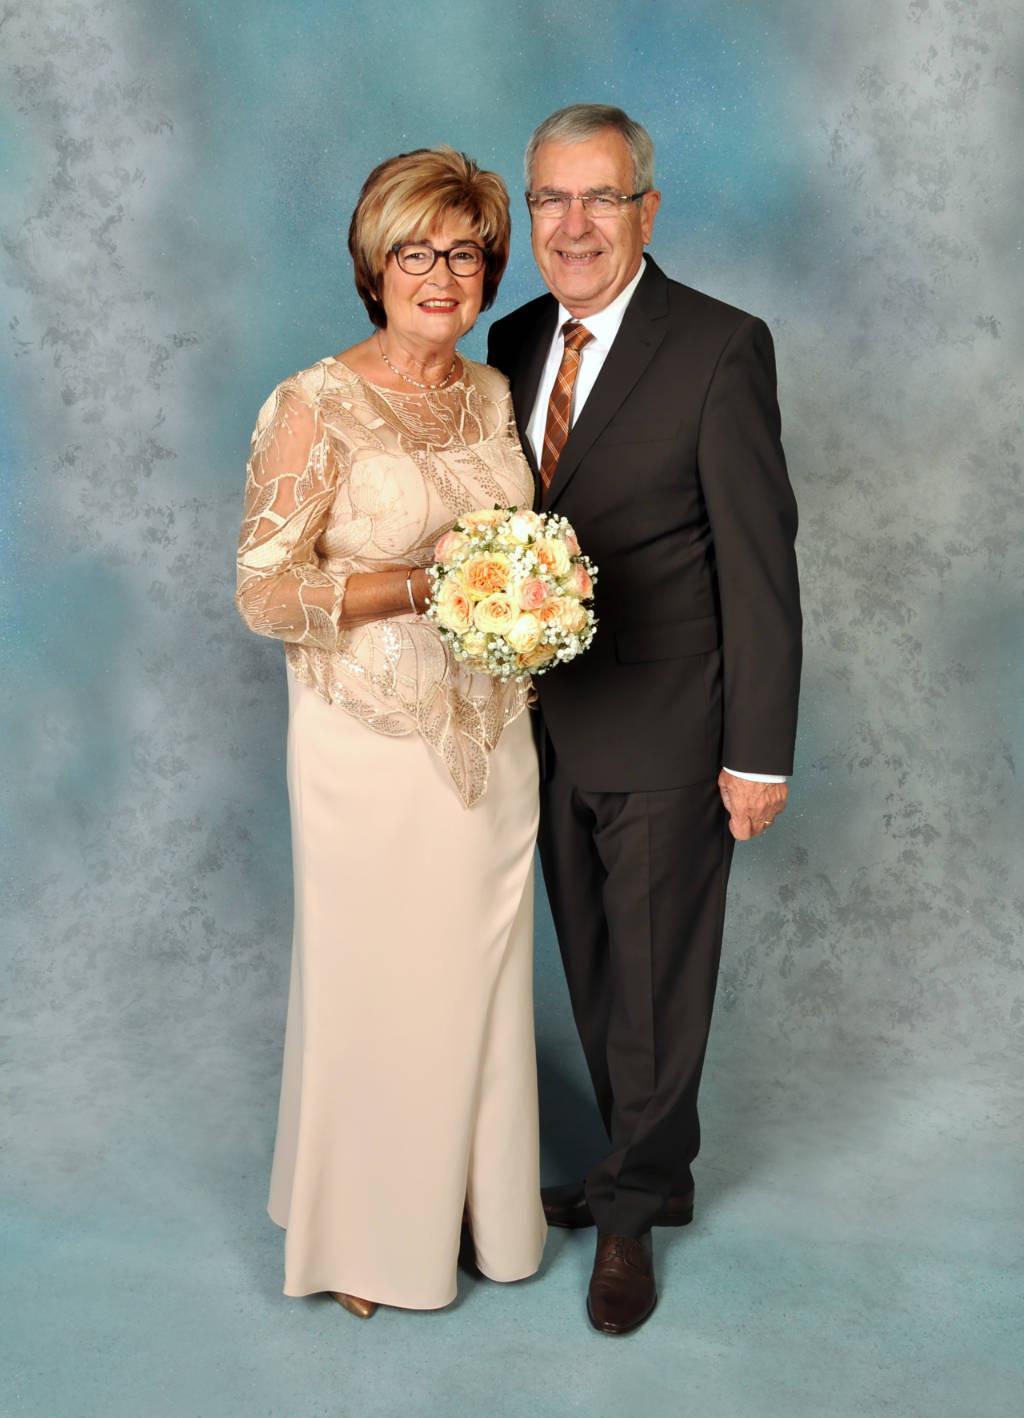 Der Goldene Hochzeitstag In Einem Kleid Von Gerry´s